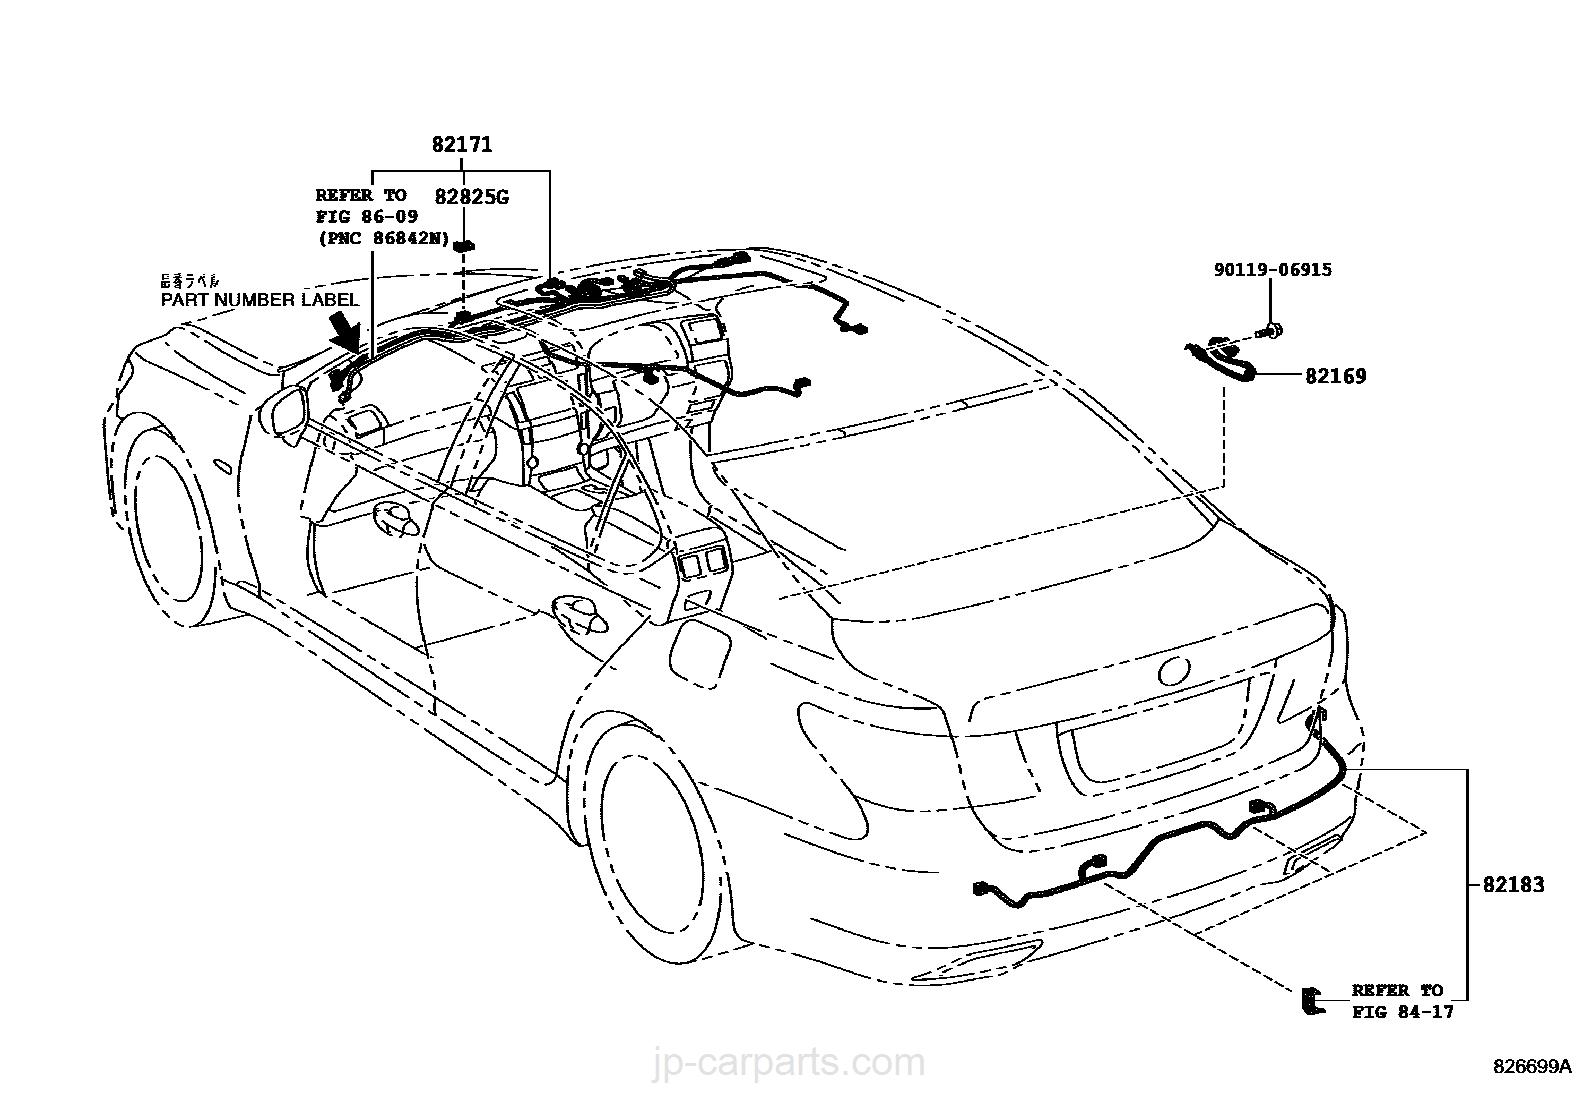 WIRING & CLAMP / lexus | part list|JP-CarParts.com